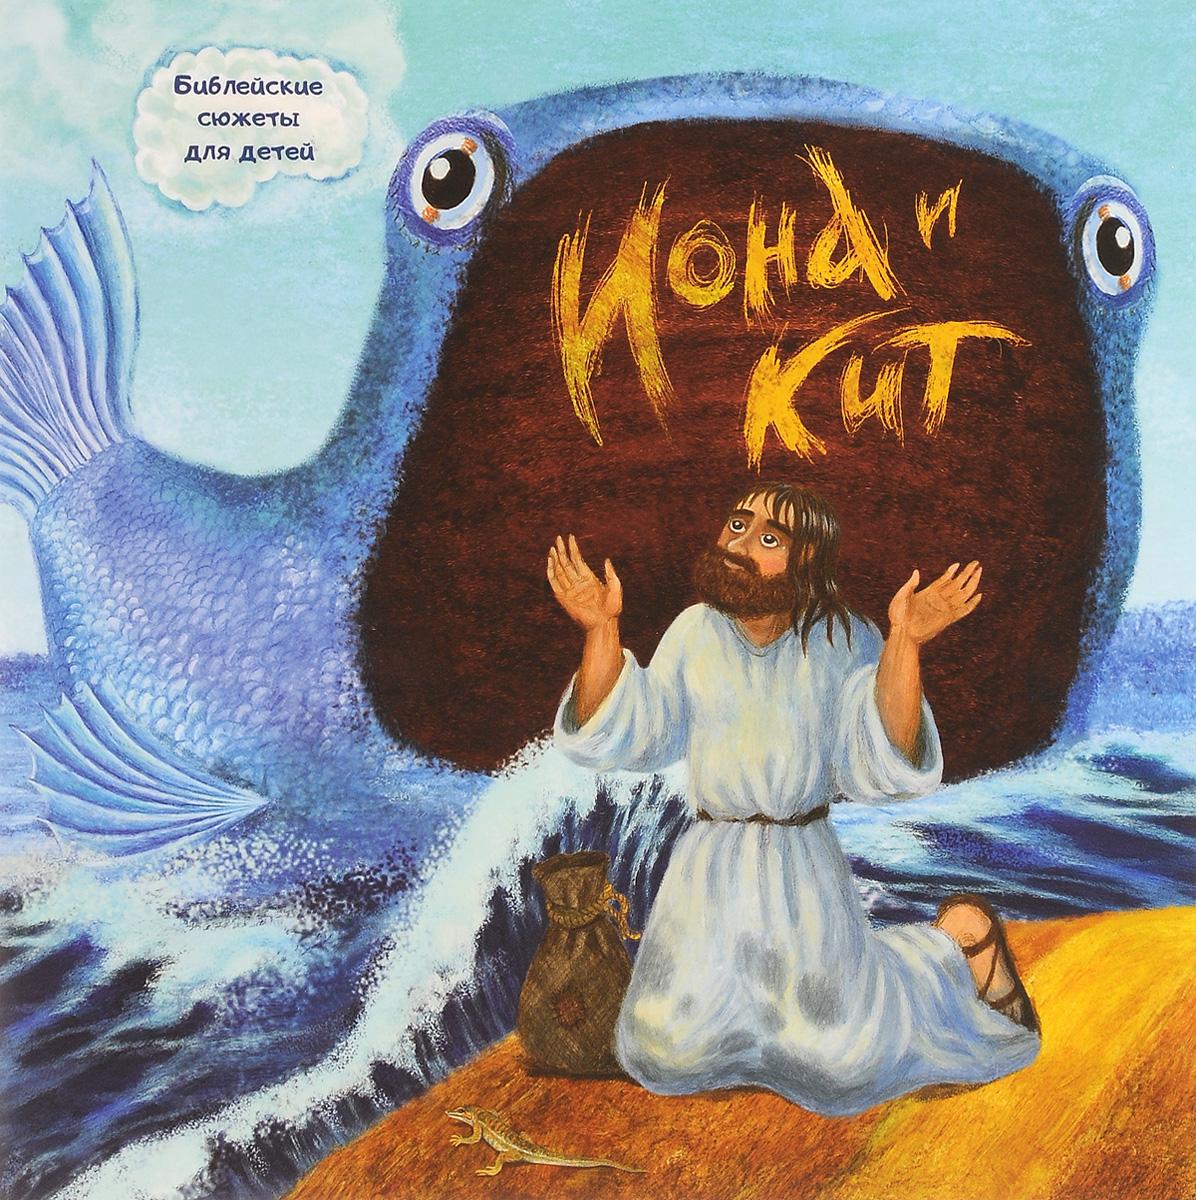 Анна Галковская Иона и кит галковская анна библейские сюжеты для детей иона и кит